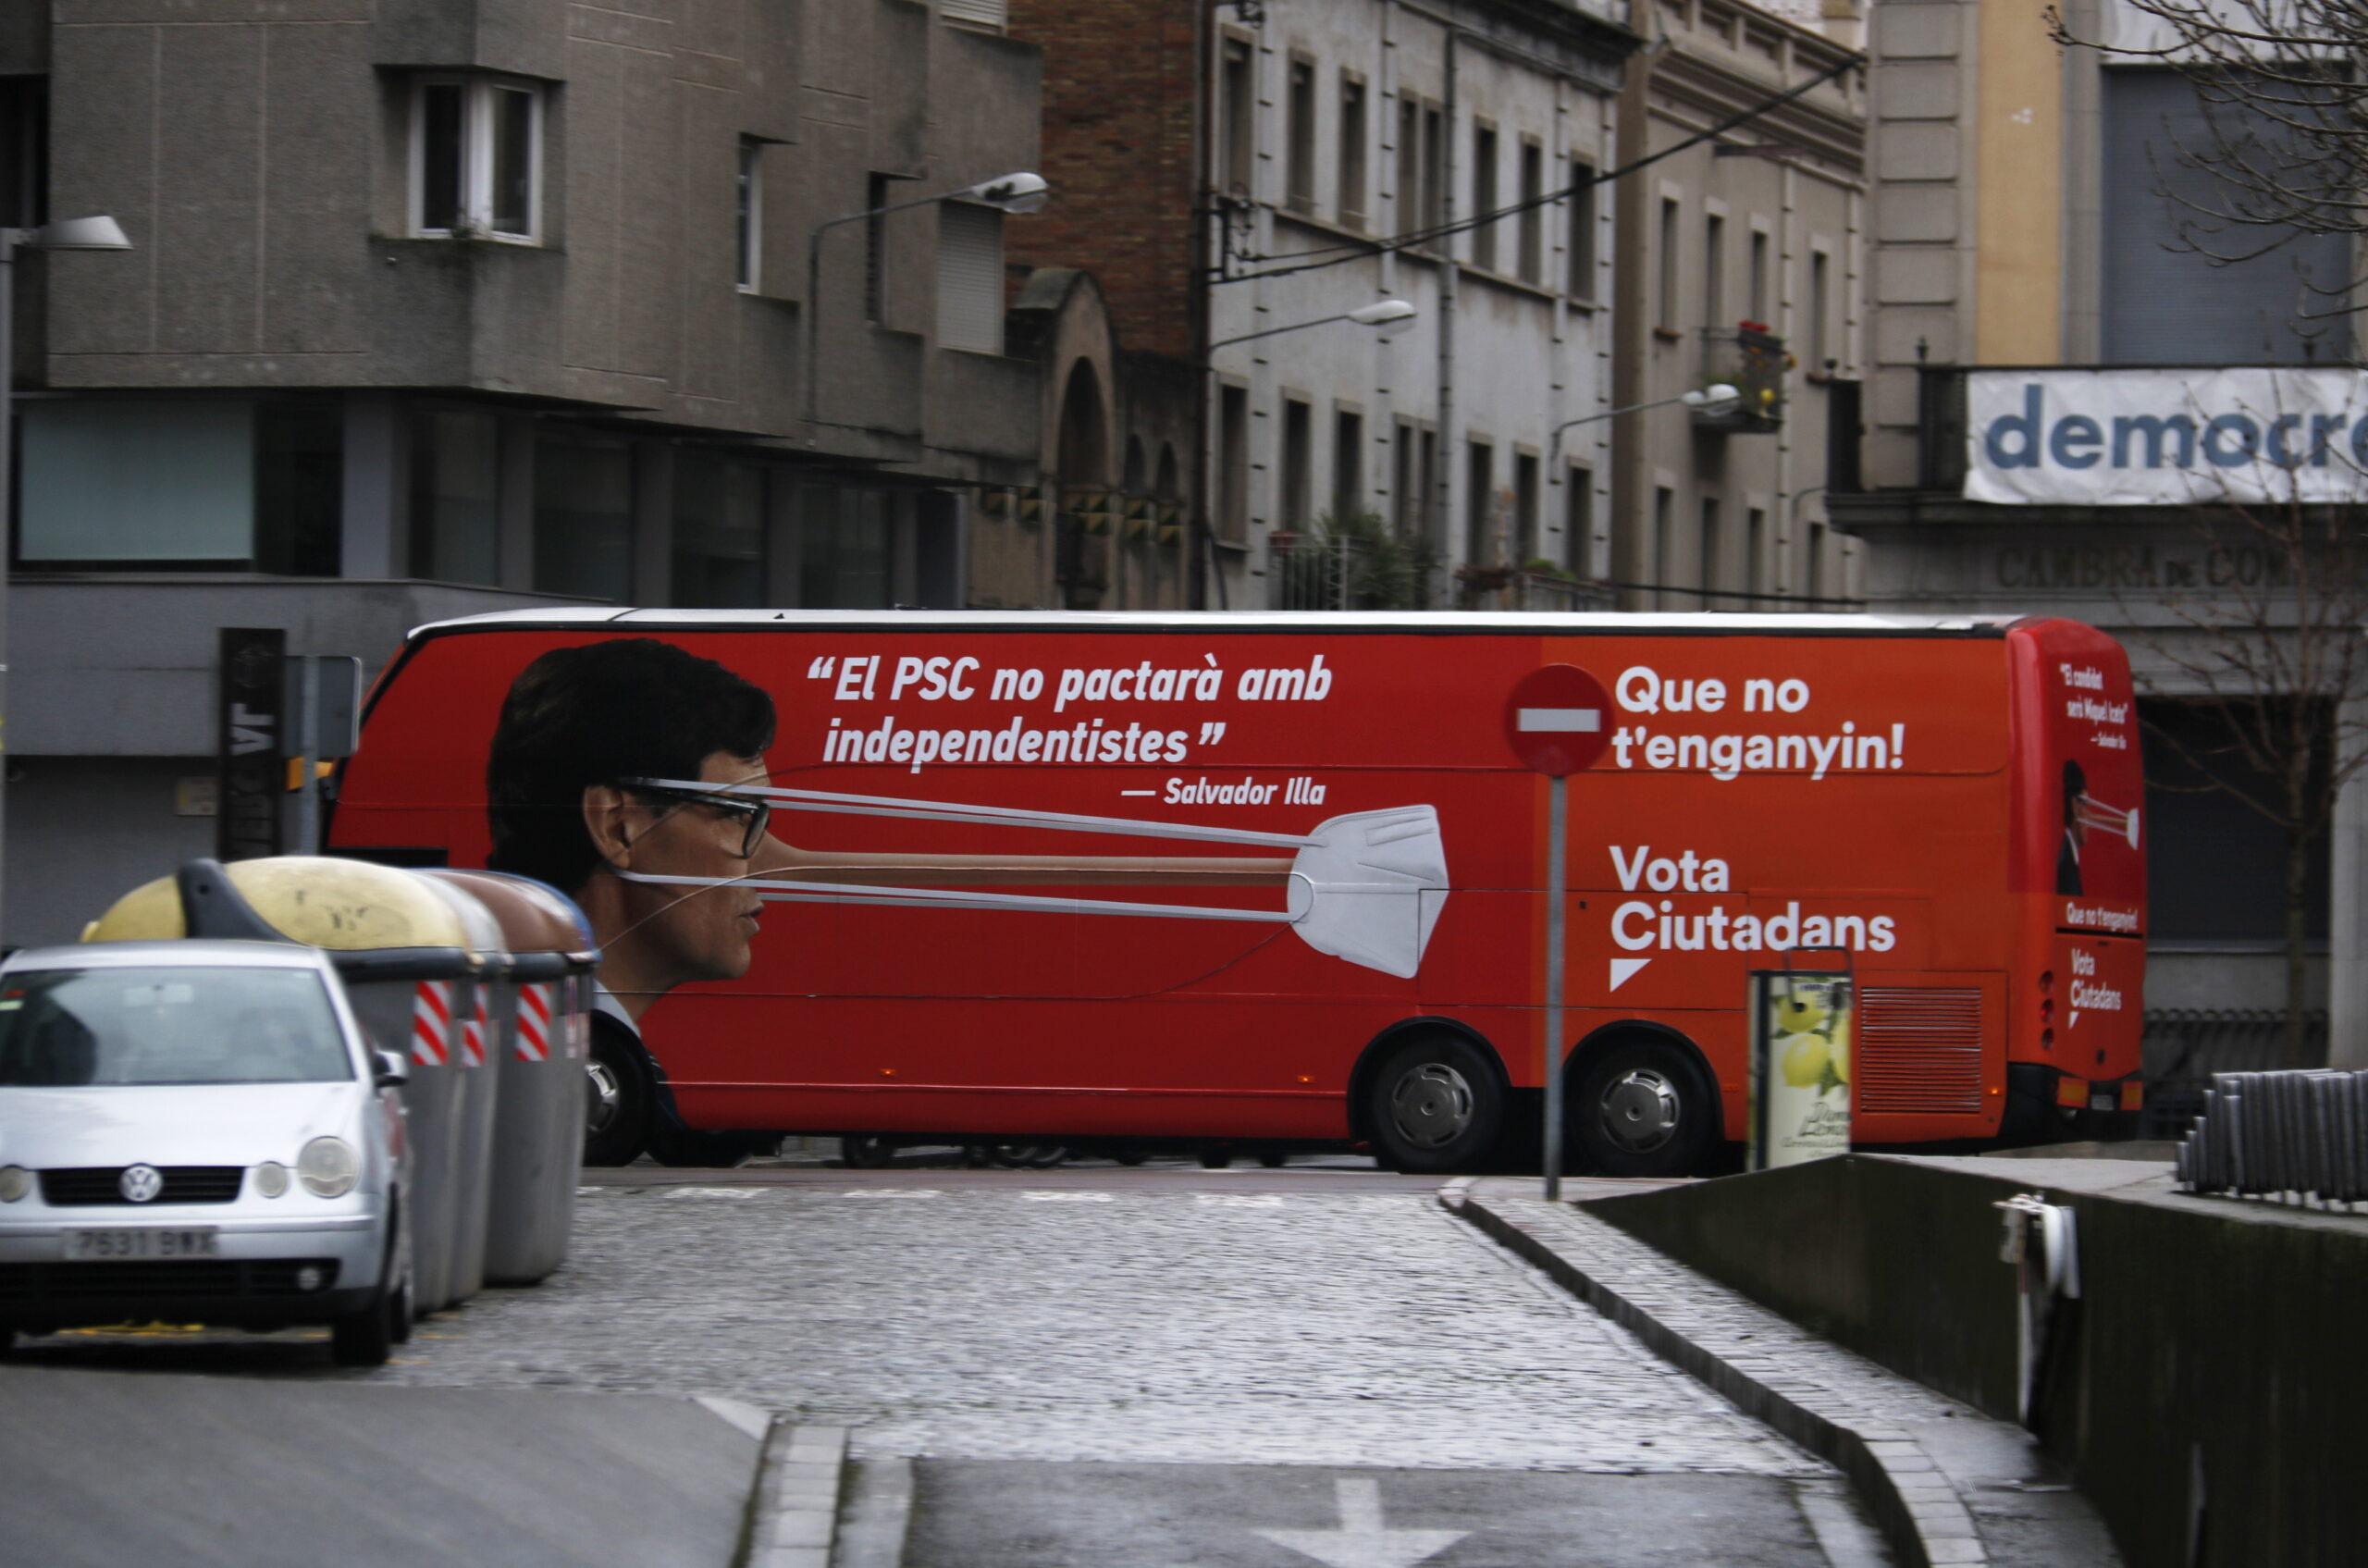 L'autobús de campanya de Cs que acusa Salvador Illa de mentir amb els pactes i l'il·lustra amb un nas de Pinotxo | ACN